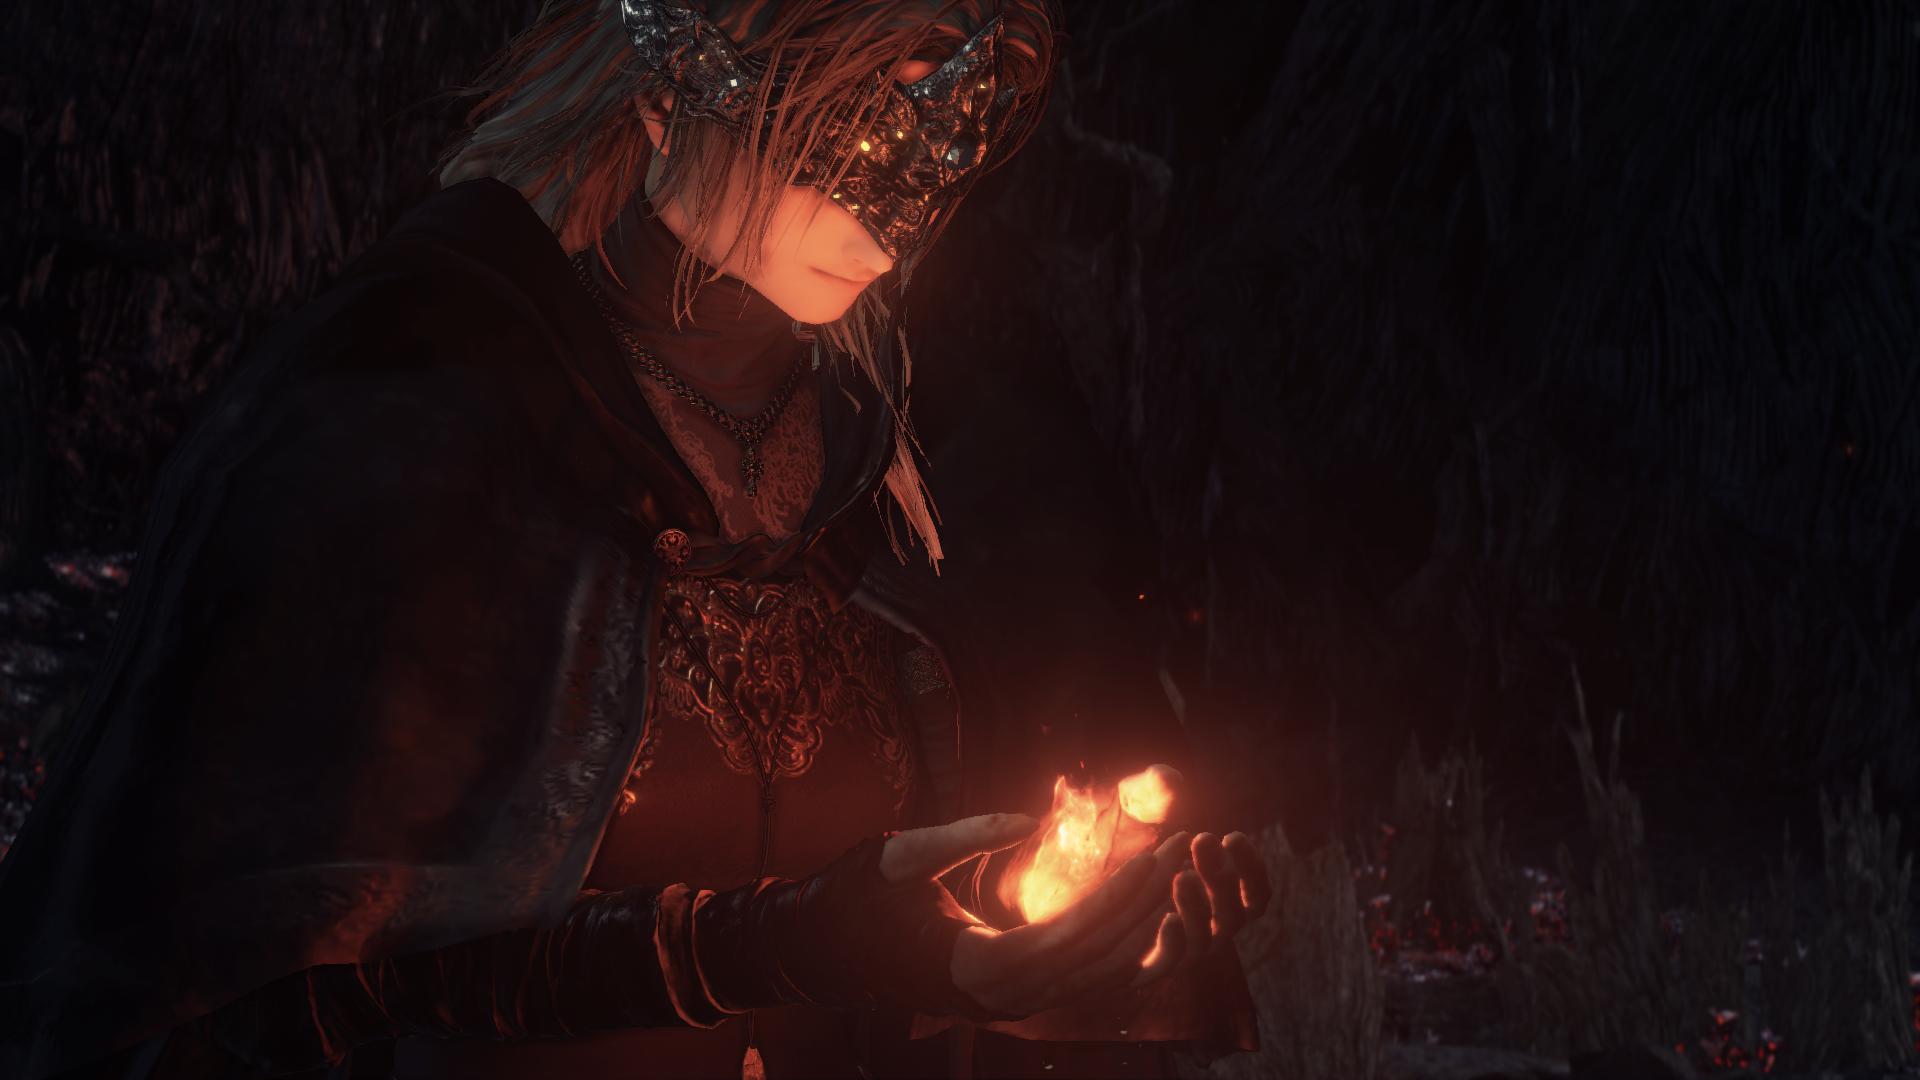 Dark Souls And Bloodborne Wallpaper Dump Spoilers Ahead Dark